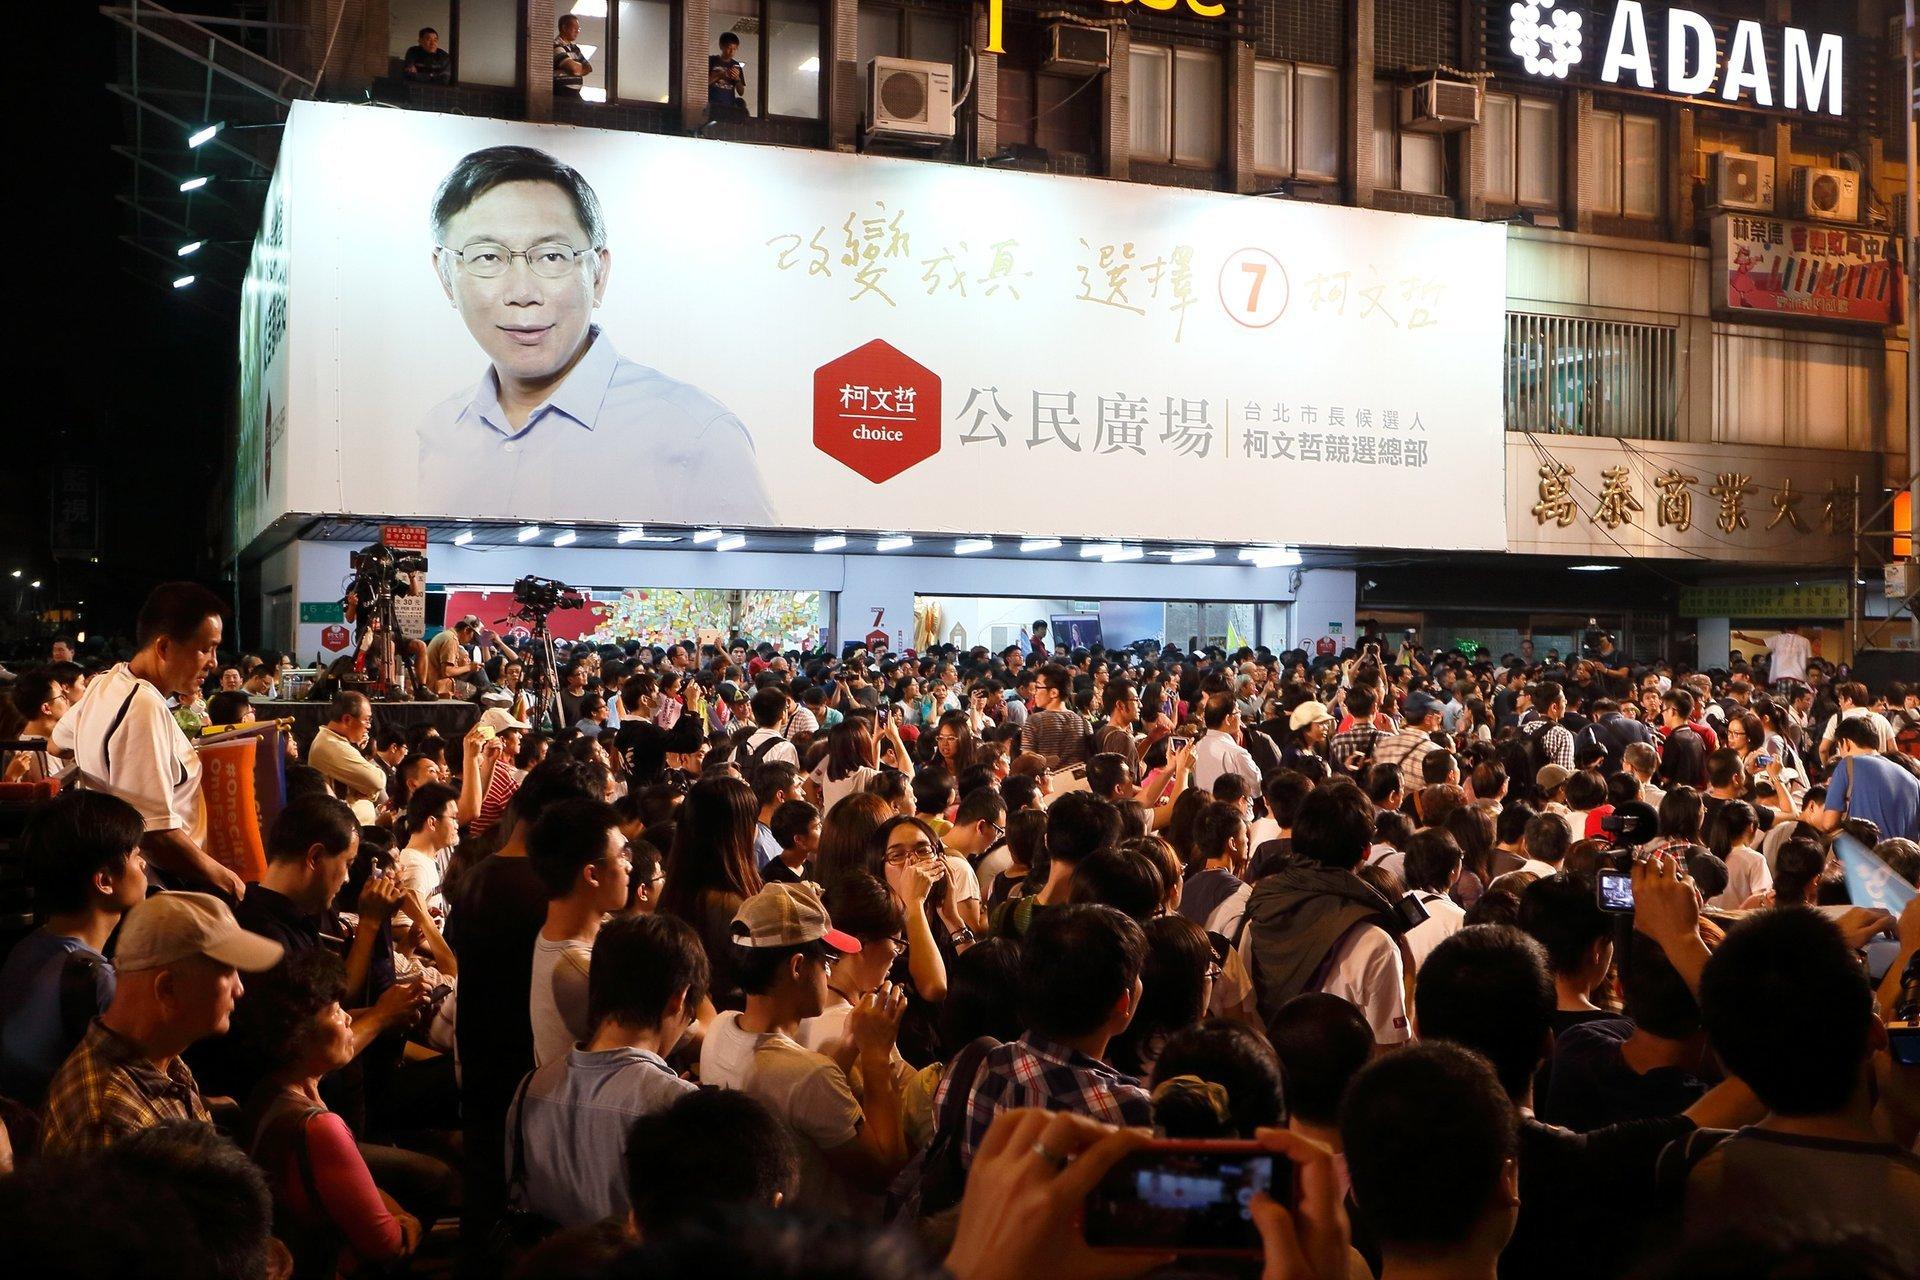 柯文哲在西元2014年中華民國地方選舉時,砲轟中國國民黨籍的對手連勝文在政策上傾向中國,獲得多數市民支持而當選臺北市市長。圖片來源:Flickr